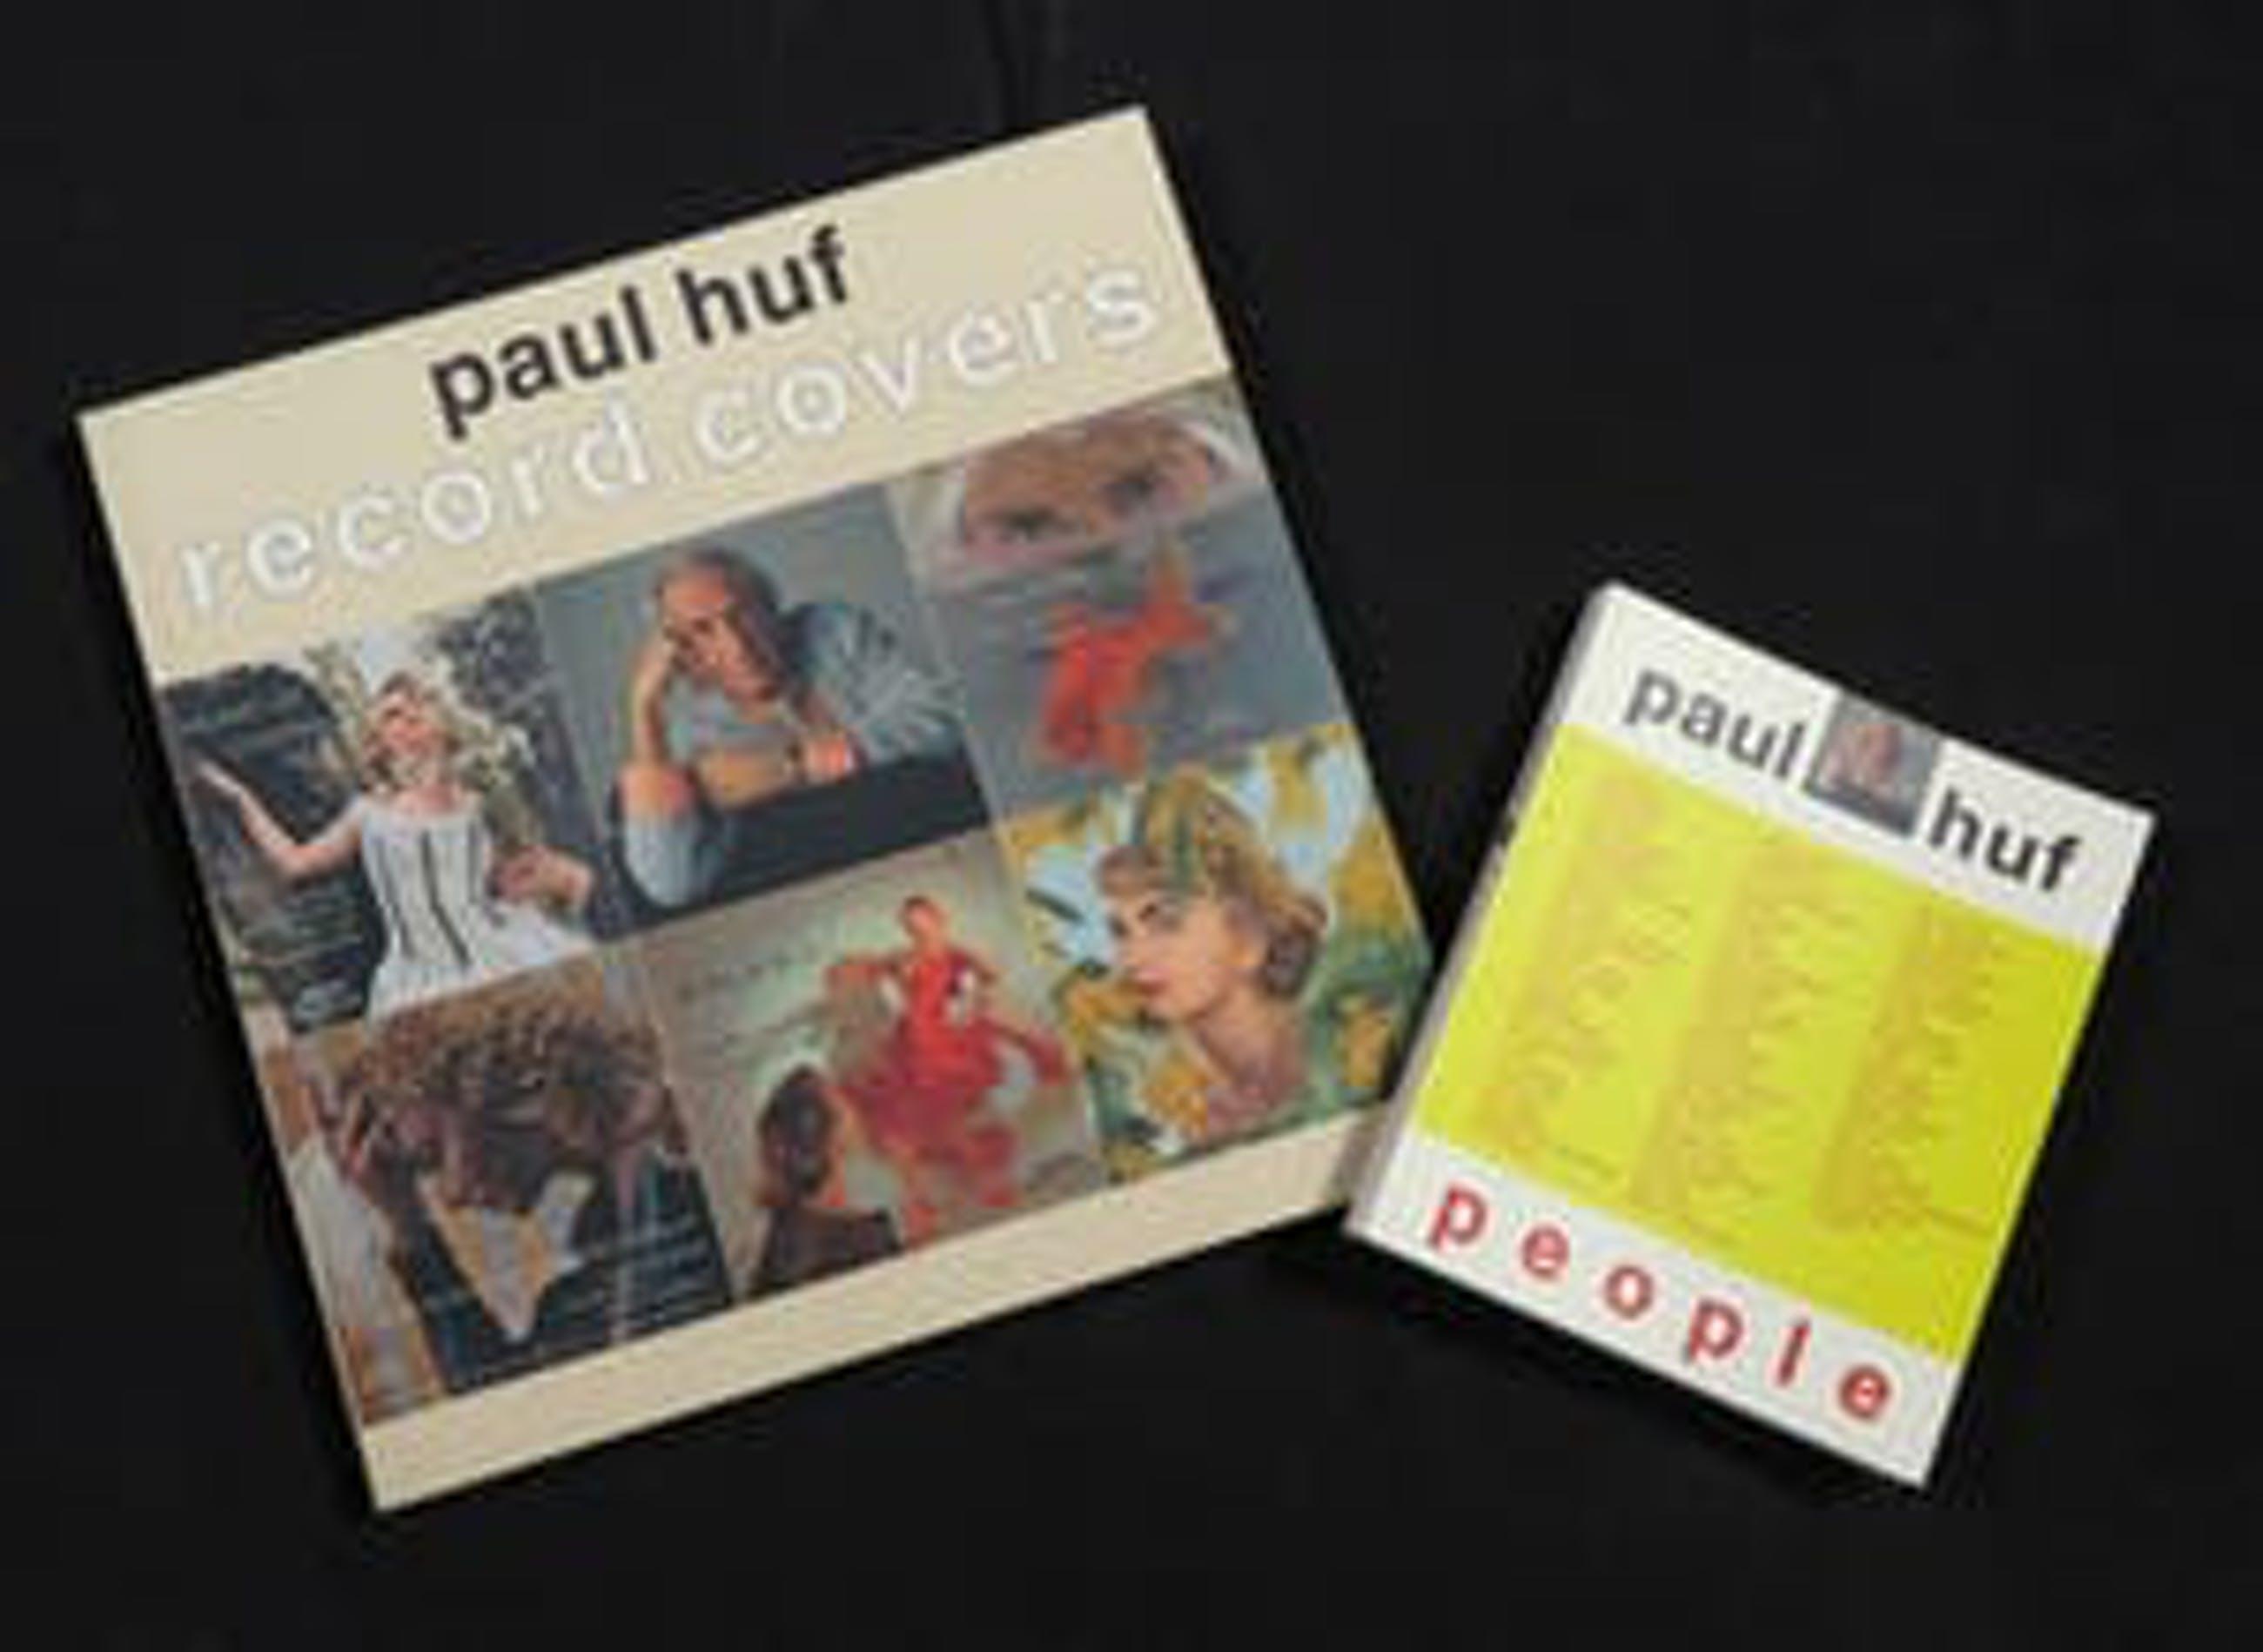 Paul Huf - Foto, Groene voorgevel - Ingelijst kopen? Bied vanaf 100!